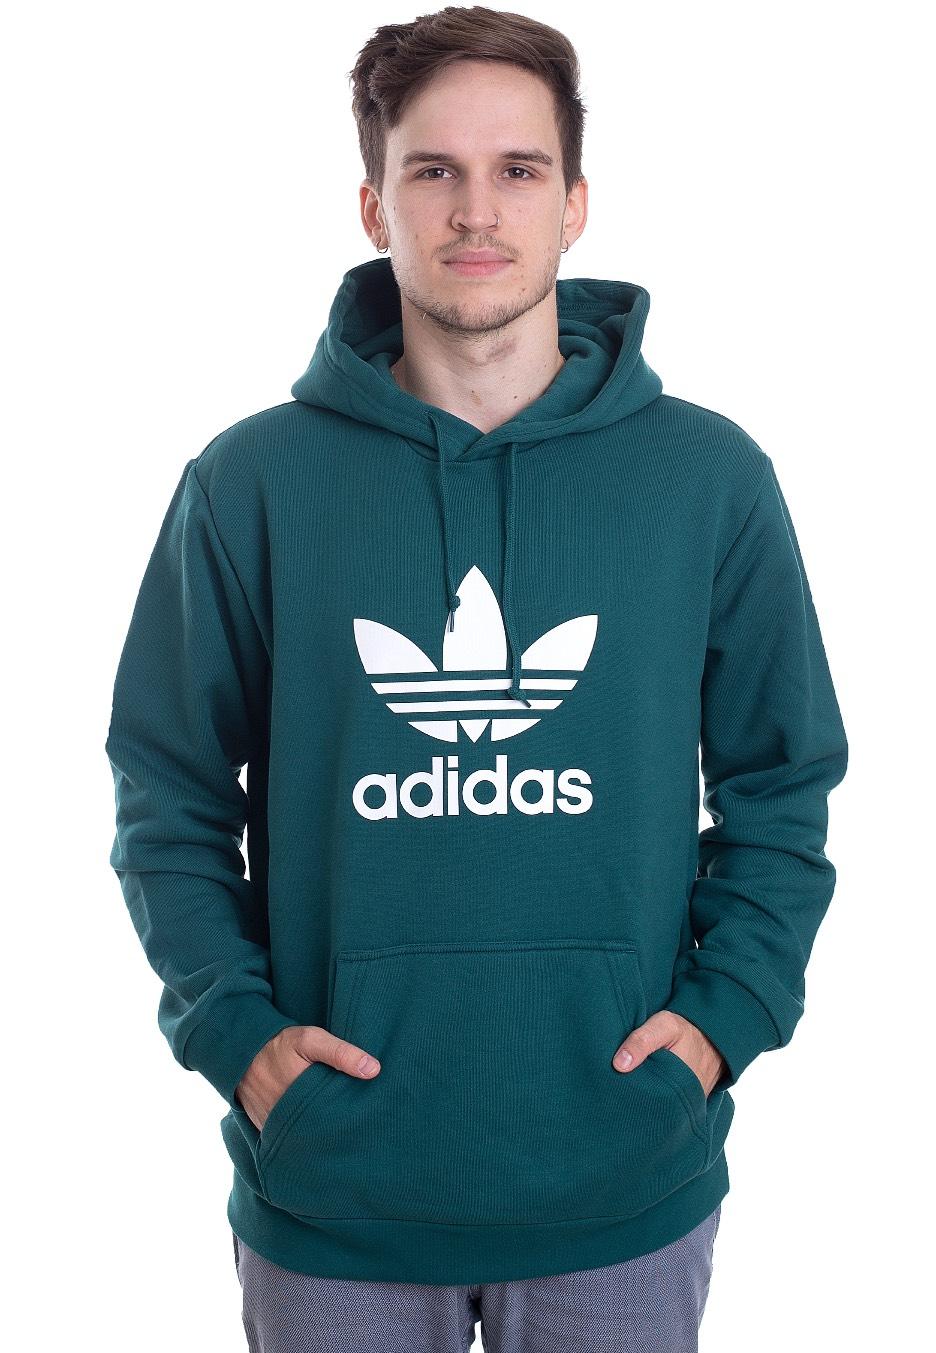 Adidas Trefoil Hoodie Noble GreenWhite Hoodie